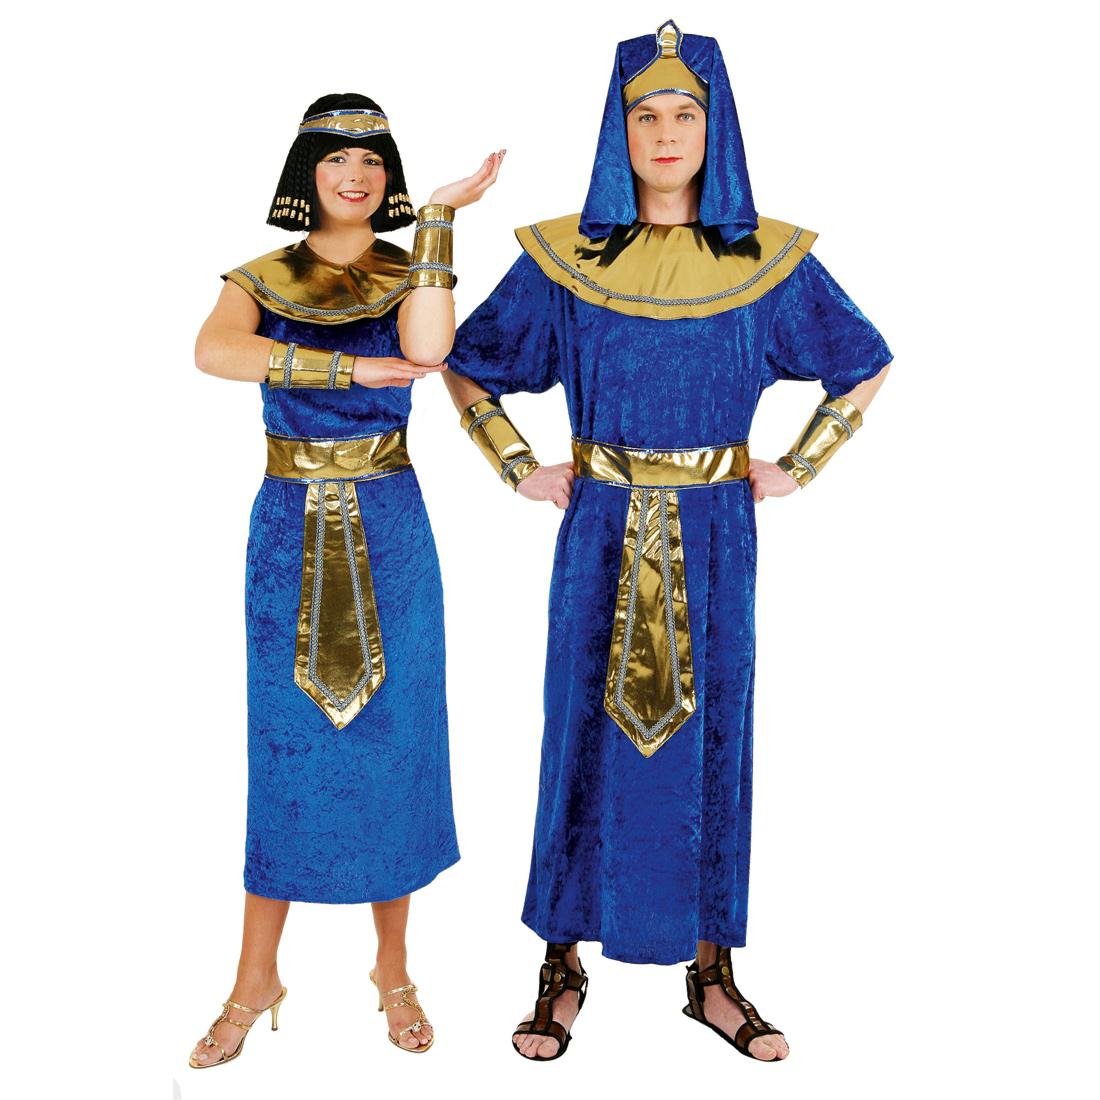 gypter kost m pharao herrenkost m pharaokost m k nig pharaonen gewand gypten ebay. Black Bedroom Furniture Sets. Home Design Ideas